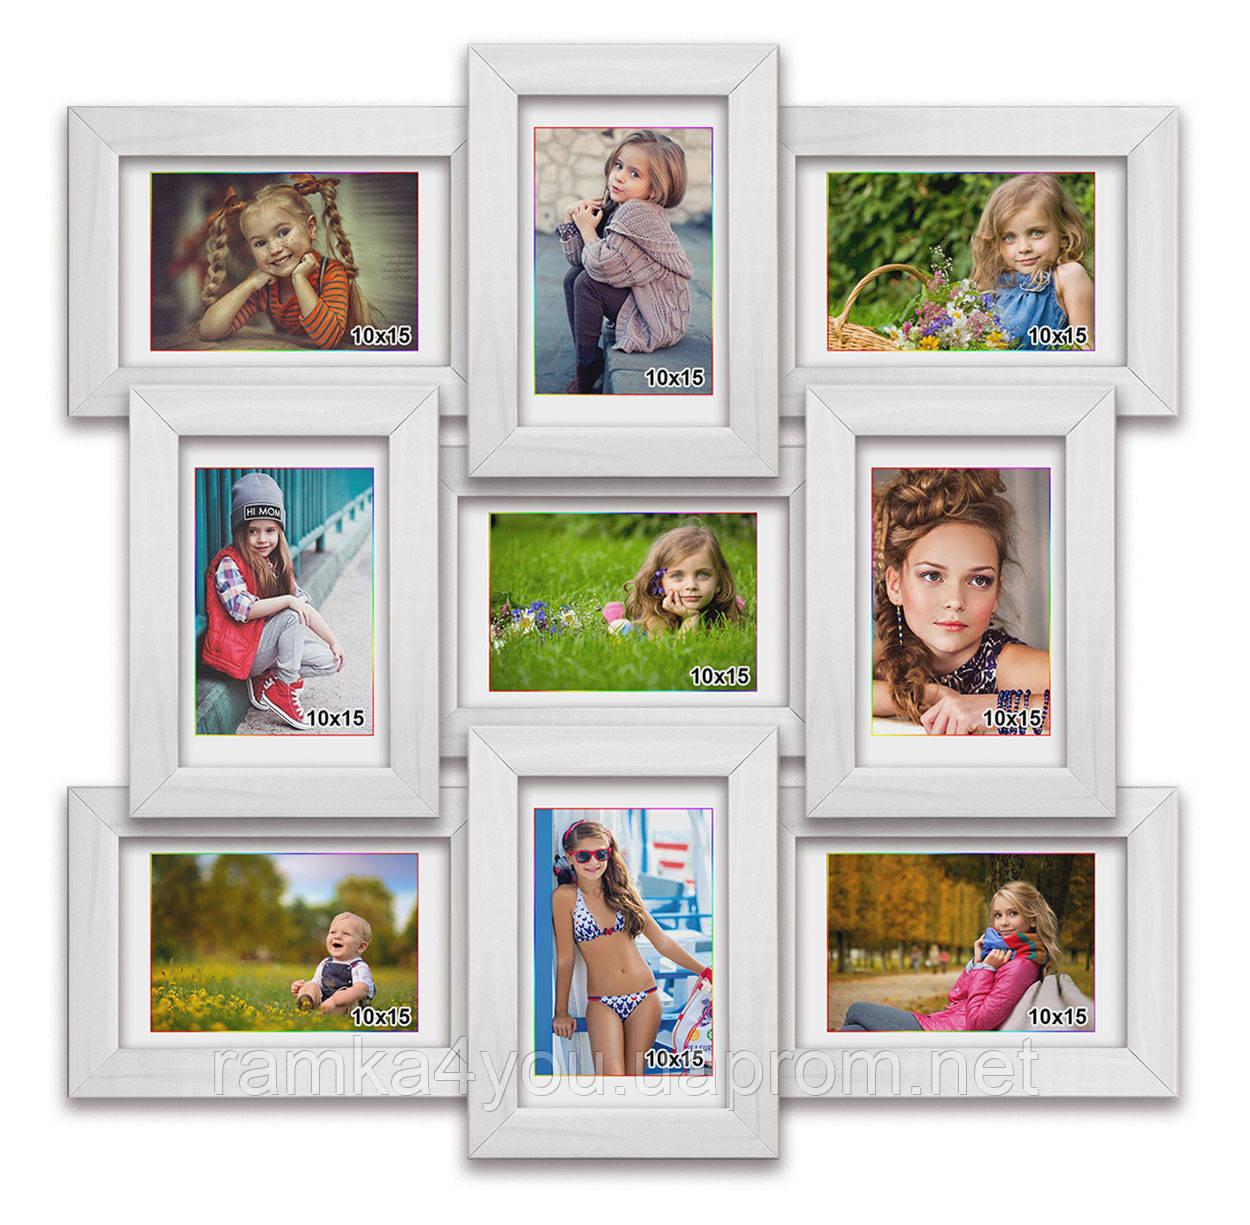 Мультирамка-коллаж Классическая на 9 фотографий 10х15 белая премиум